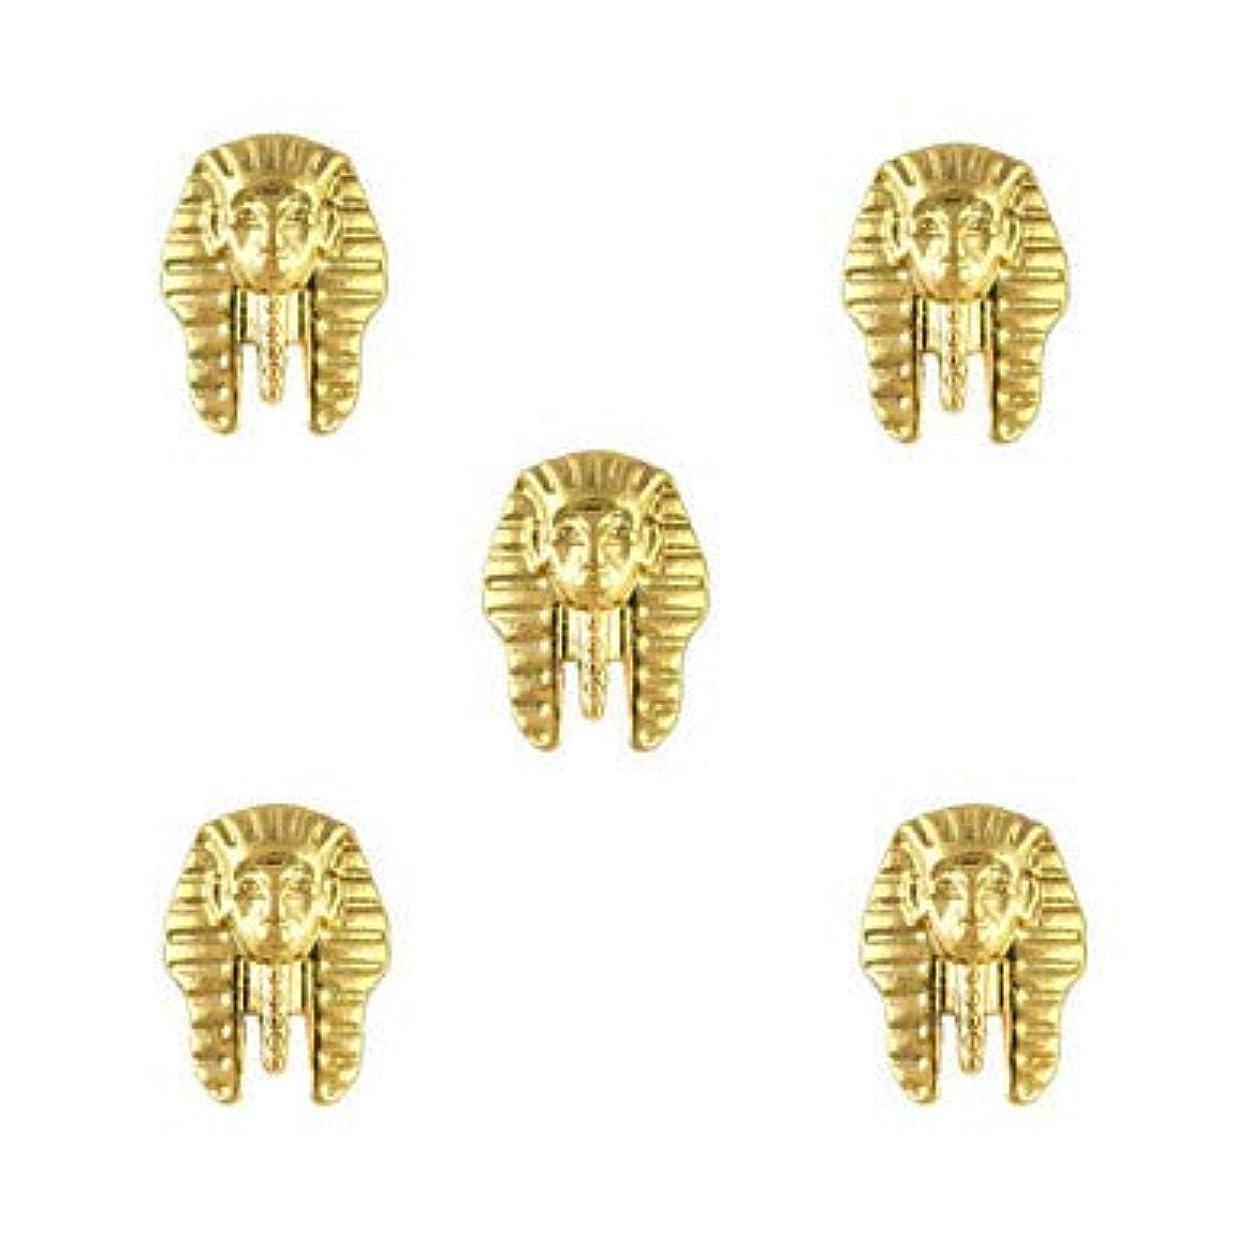 デジタル残りご注意指のつま先のための金属のエジプトパターンのマニキュアの宝石類の宝石類